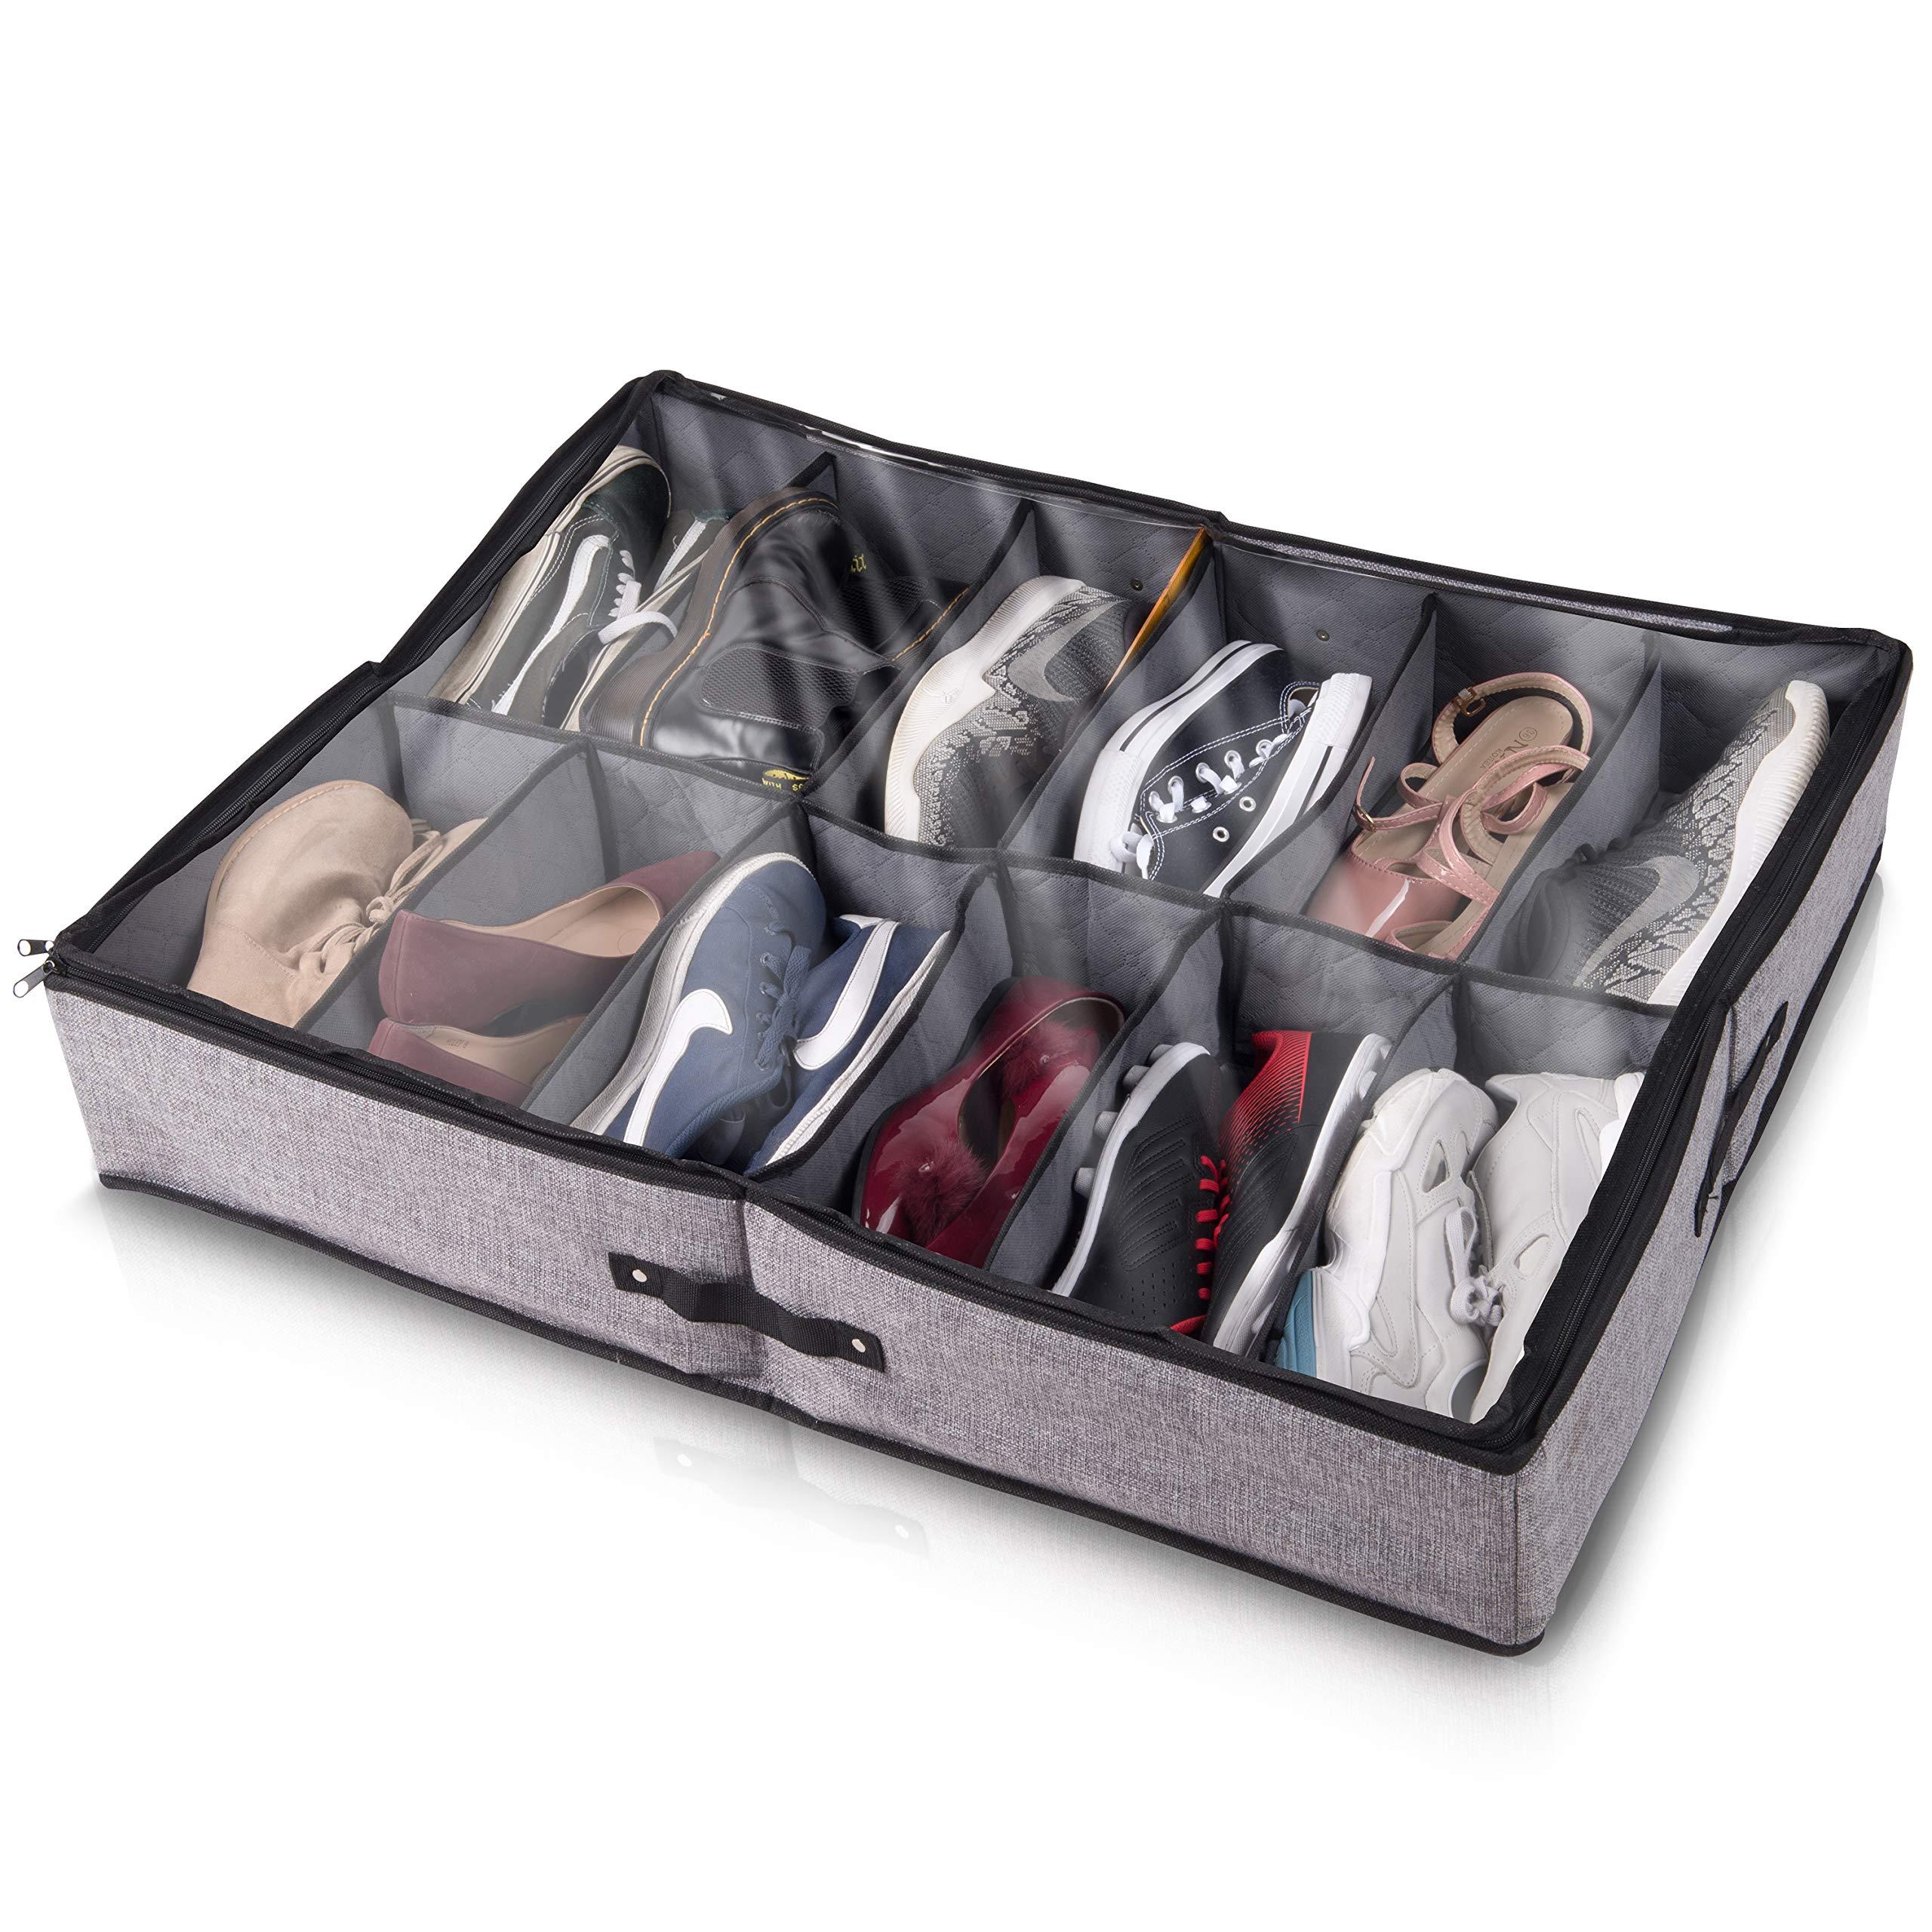 Insel Underbed Shoe Storage Organizer